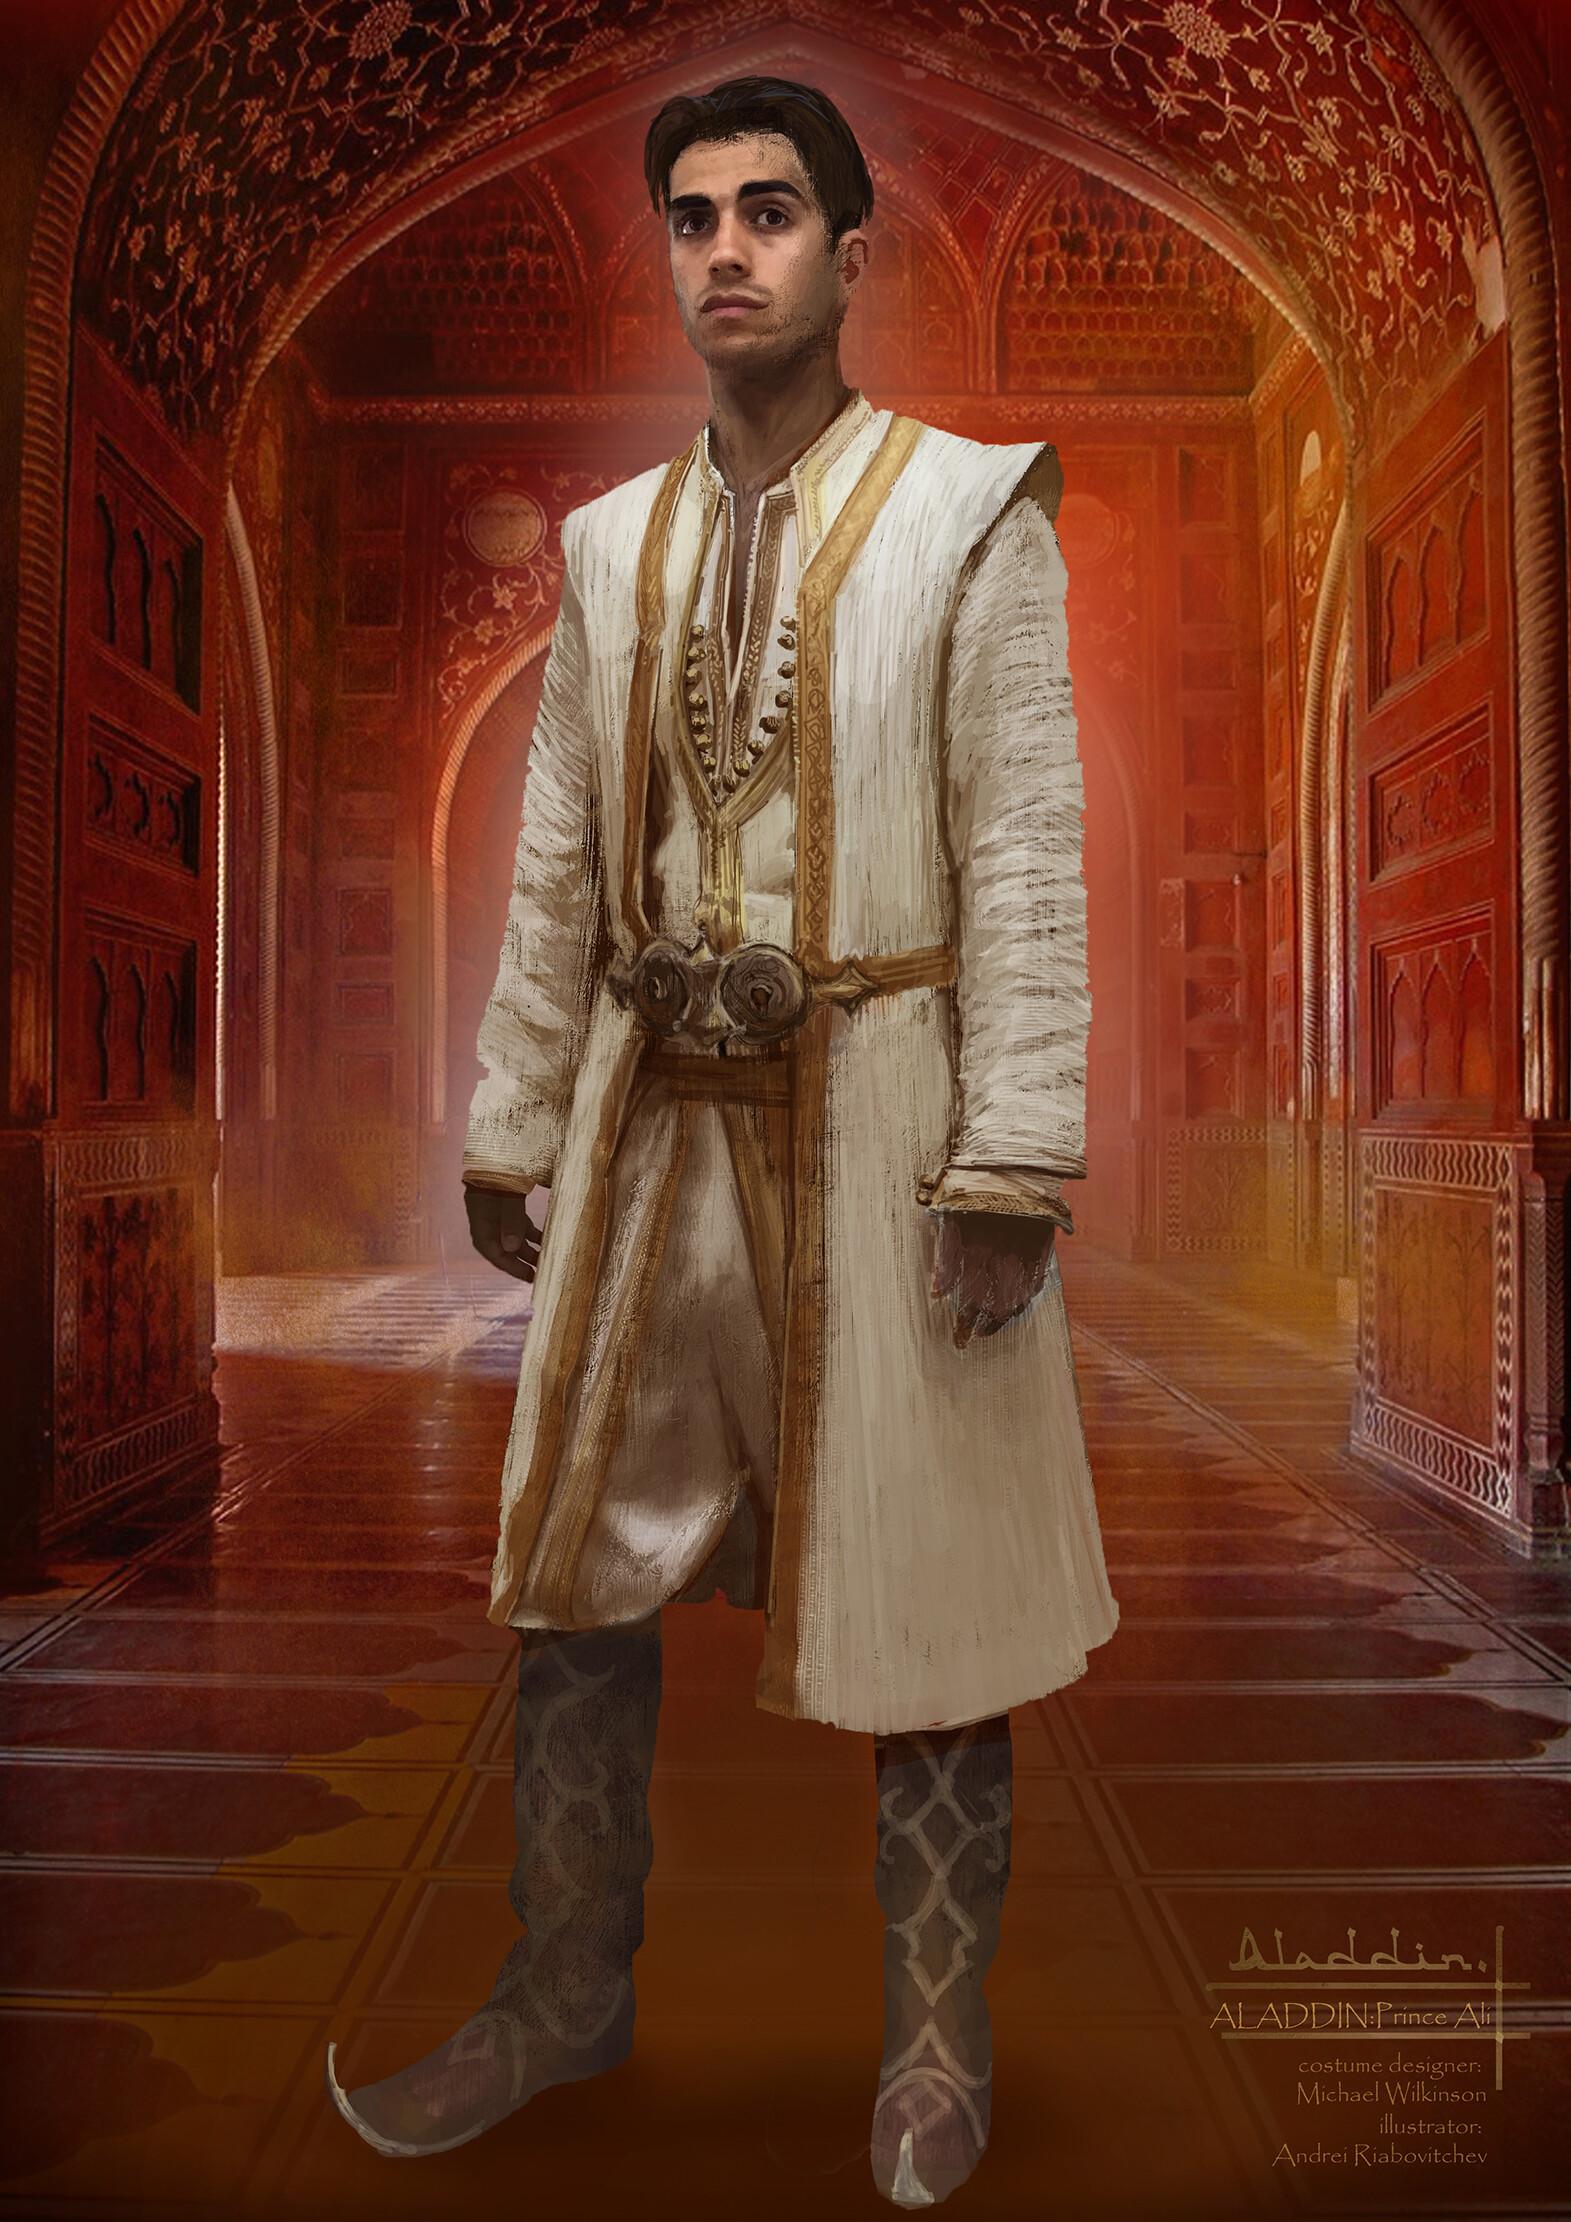 Aladdin [Disney - 2019] - Page 43 Andrei-riabovitchev-01-aladdin-prince-ali-coat-v101-101-ar